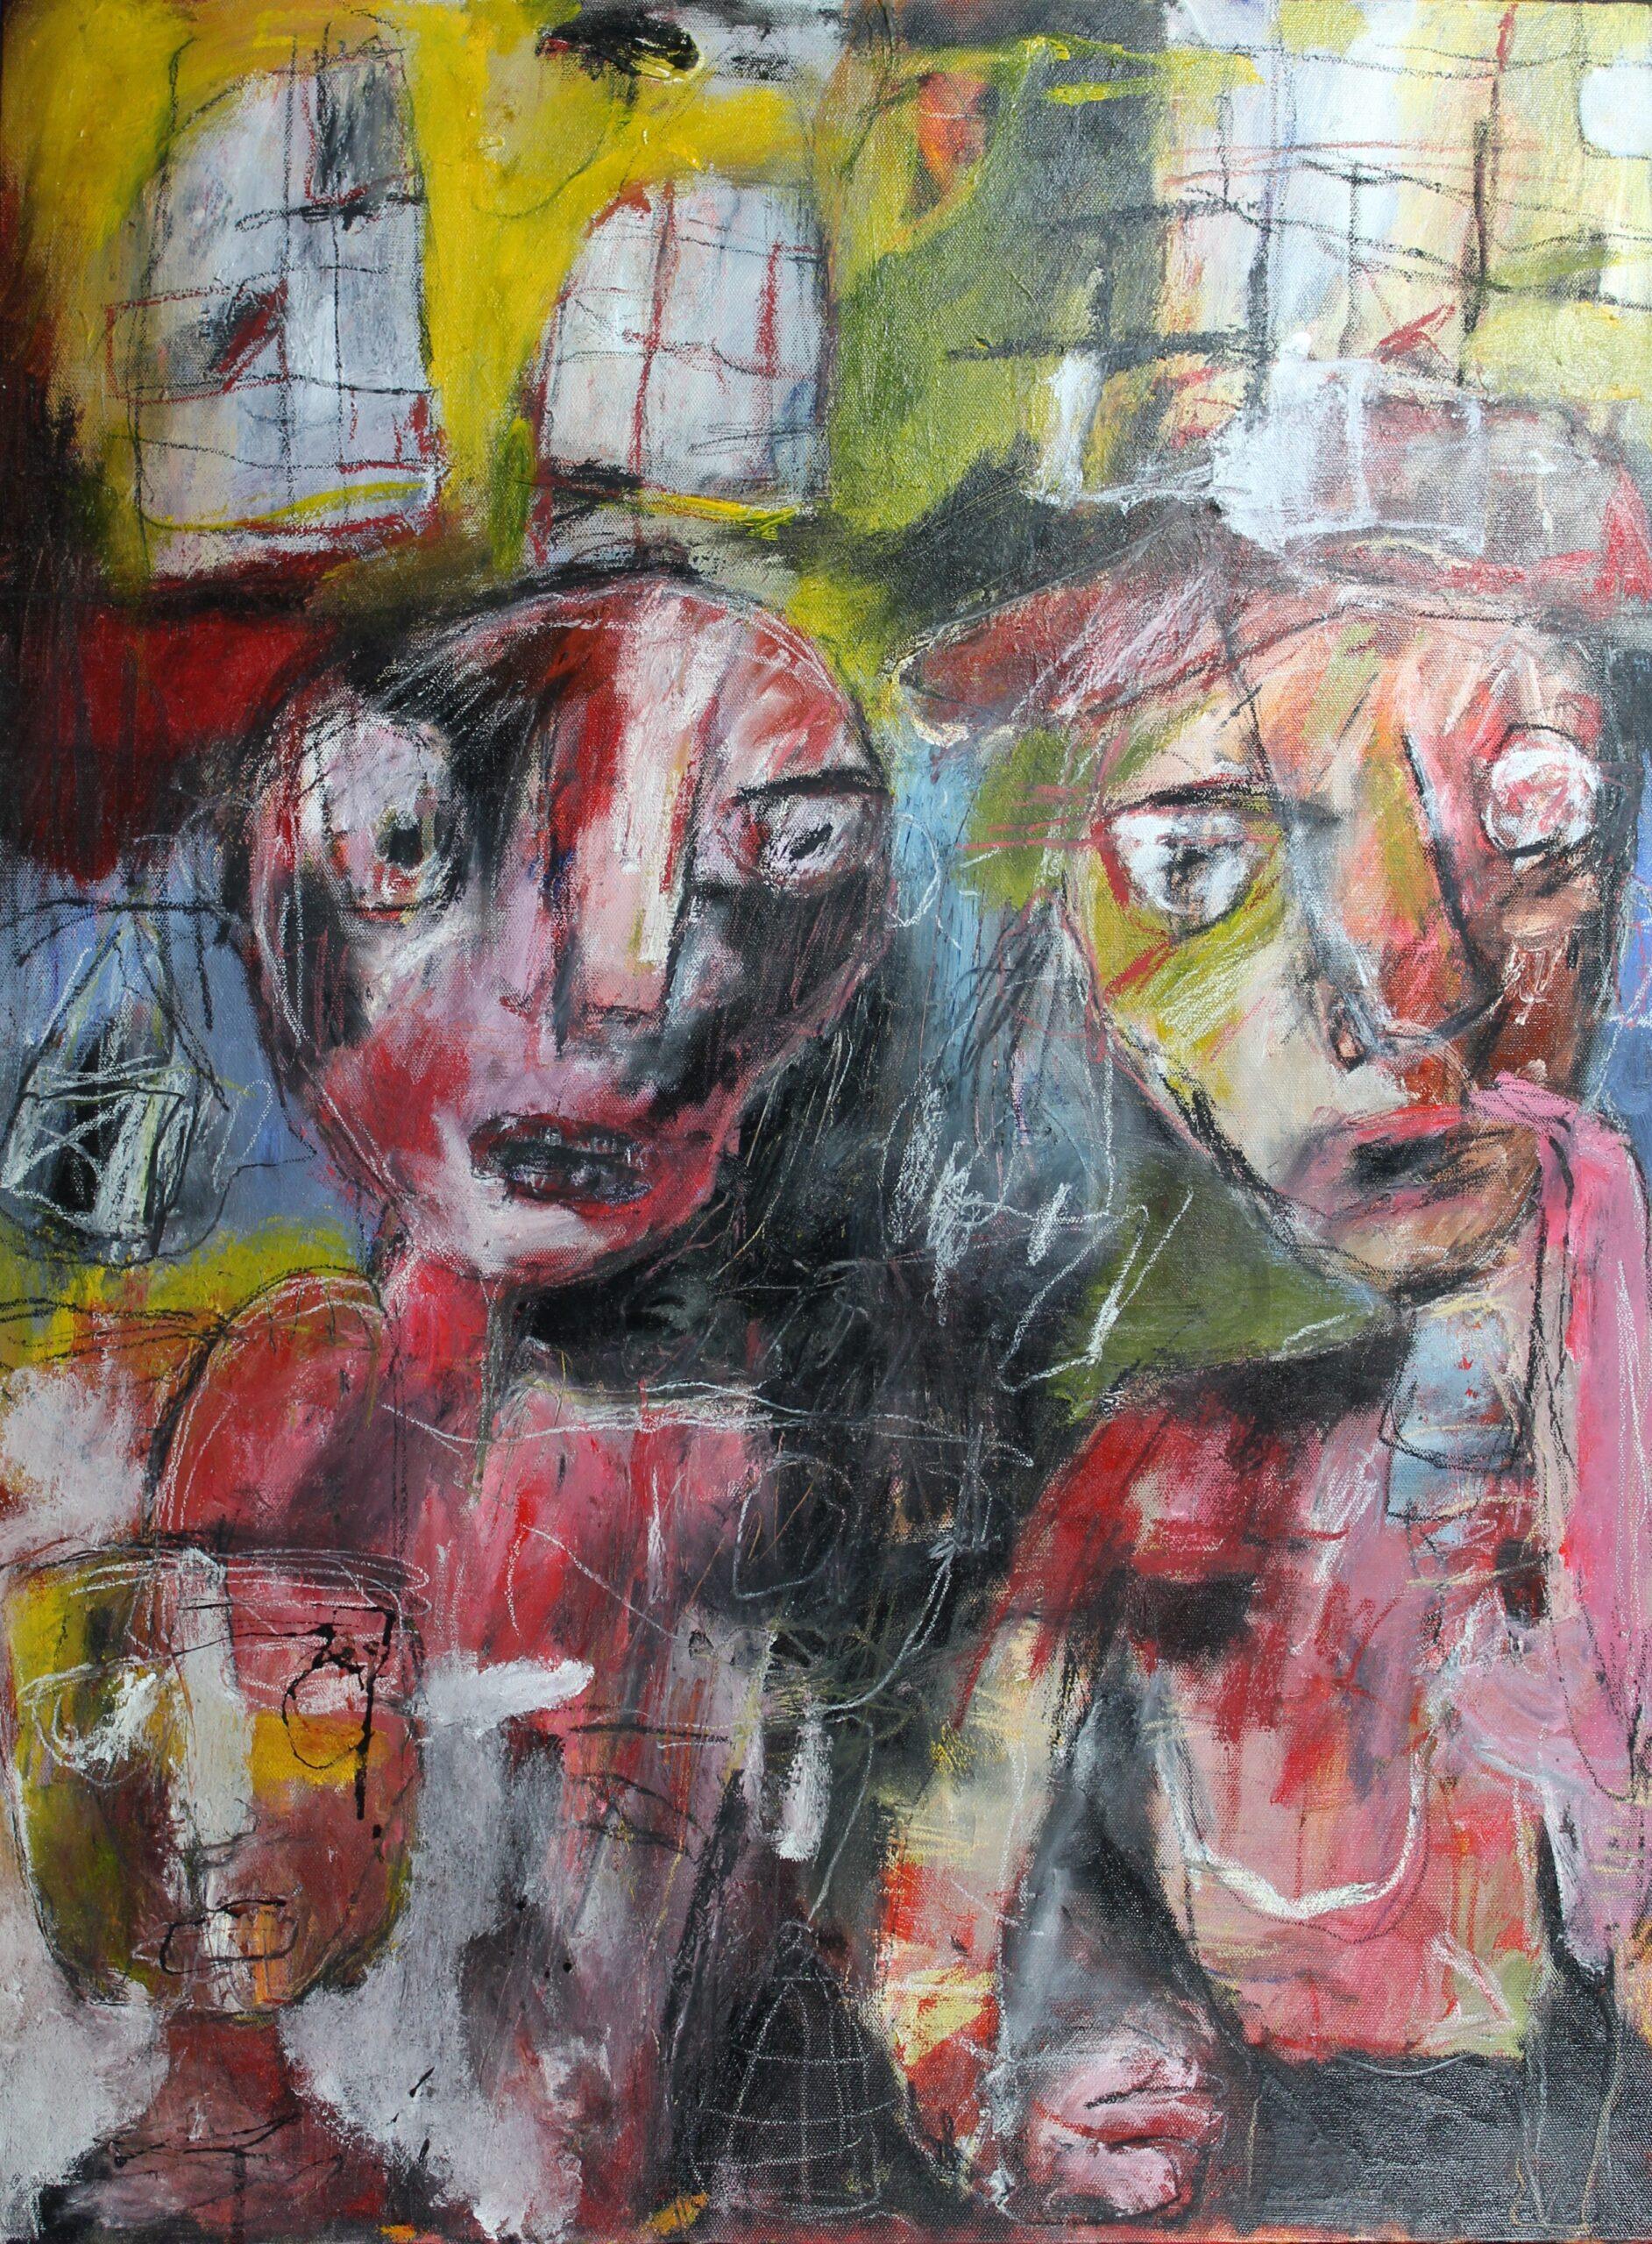 Roddel en achterklap, gemengde techniek op canvas, 60 x 80 cm, 2015